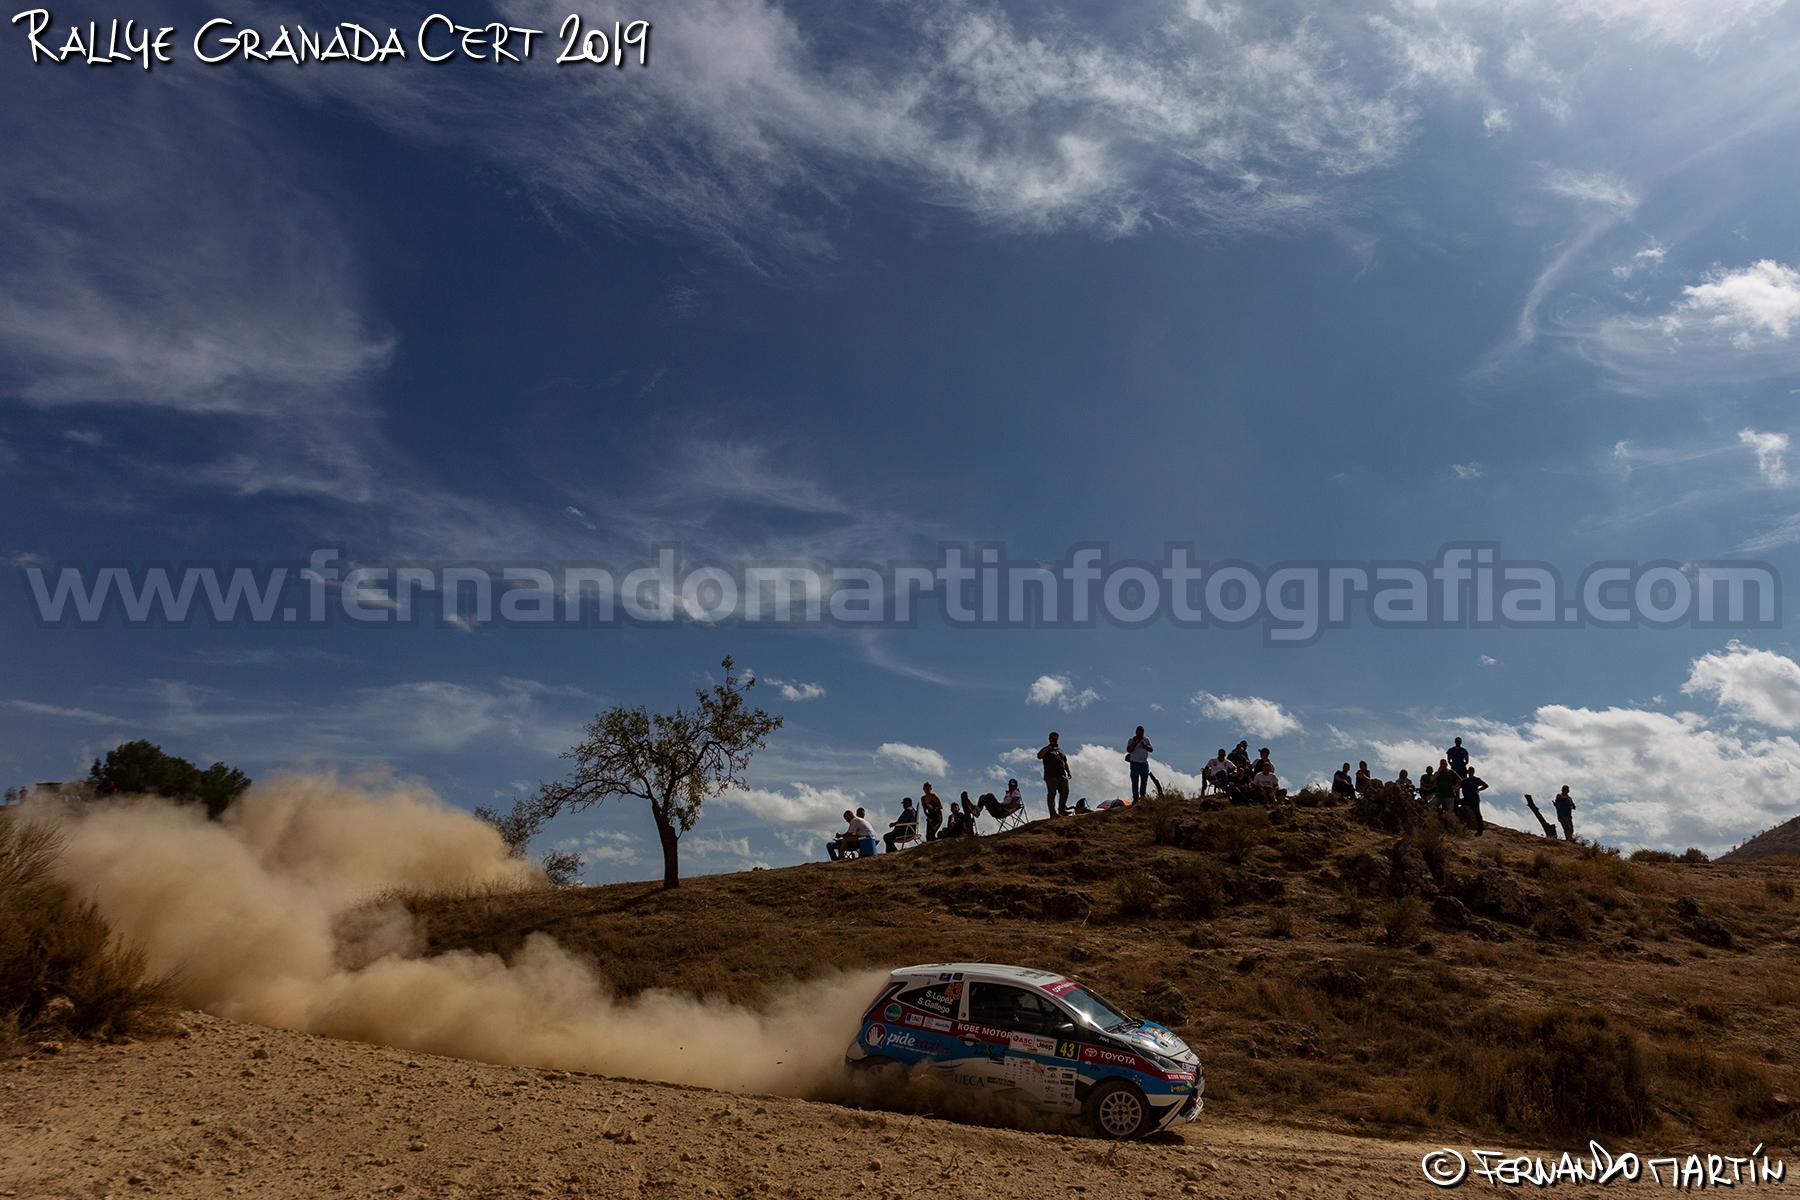 Rallye de Granada CERT 2019